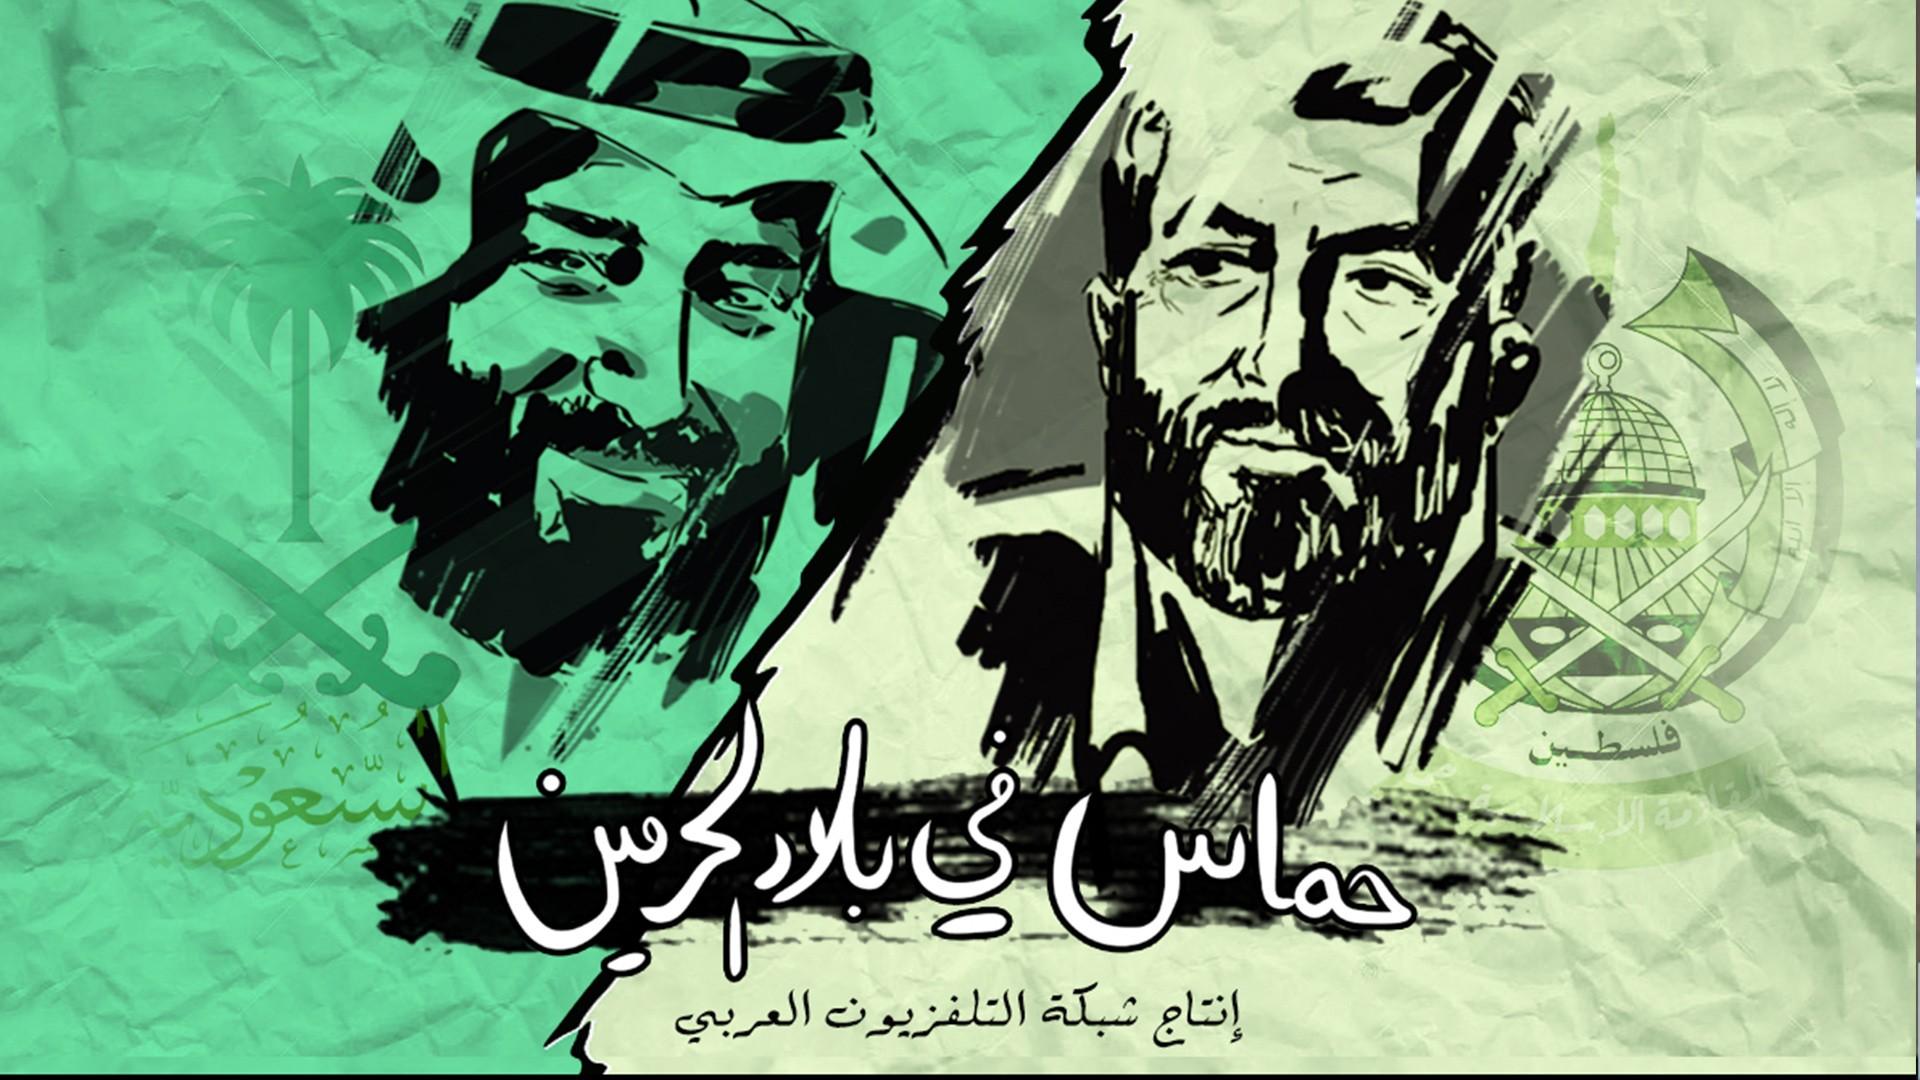 حماس في بلاد الحرمين